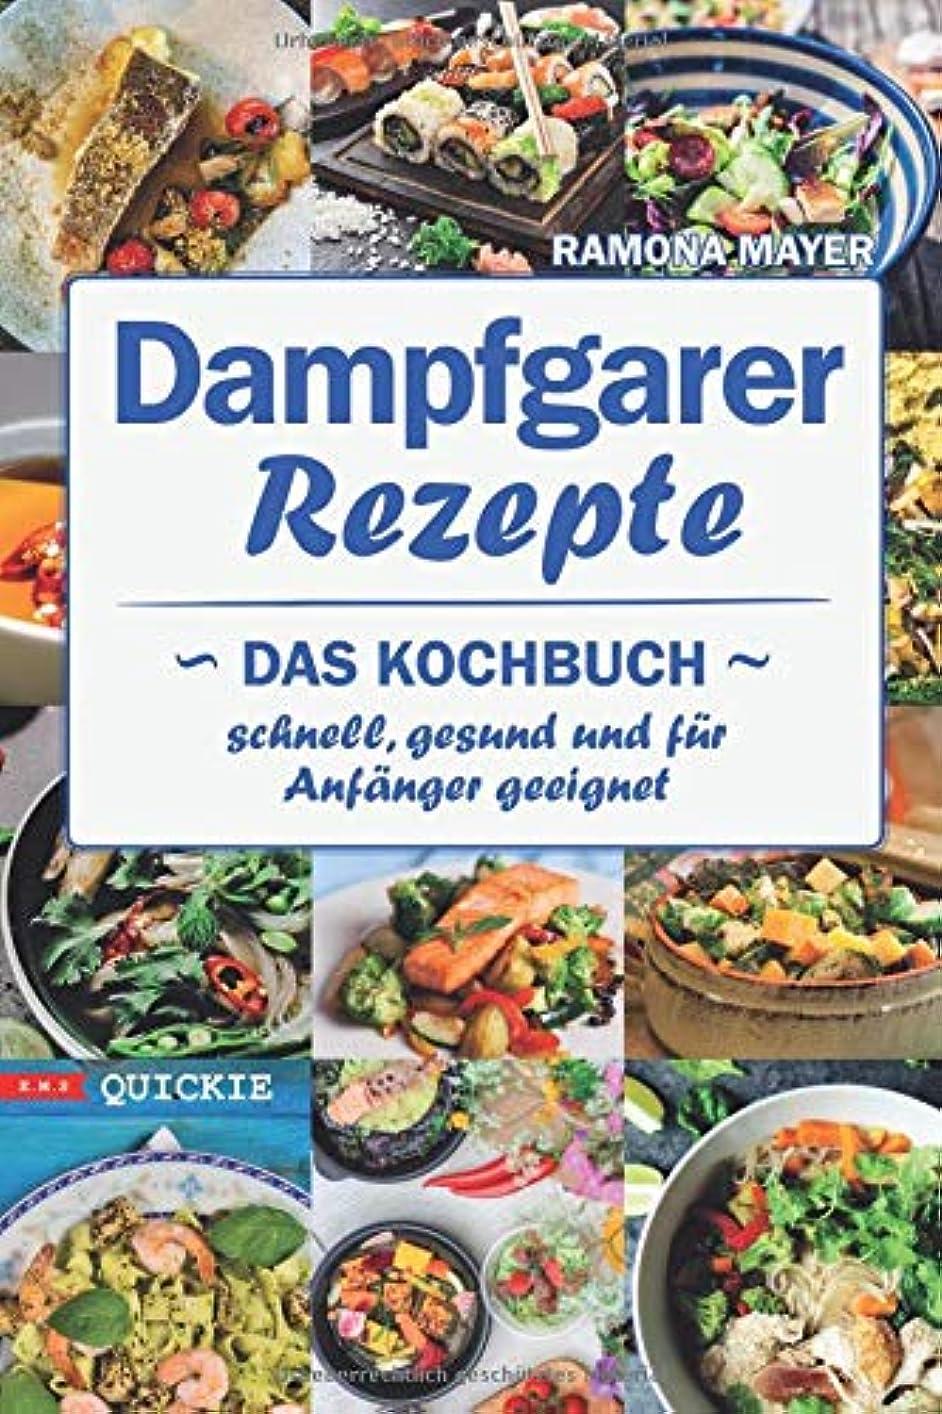 無視できる姉妹硬化するDampfgarer Rezepte: Das Kochbuch Schnell, gesund und fuer Anfaenger geeignet (Quickie)